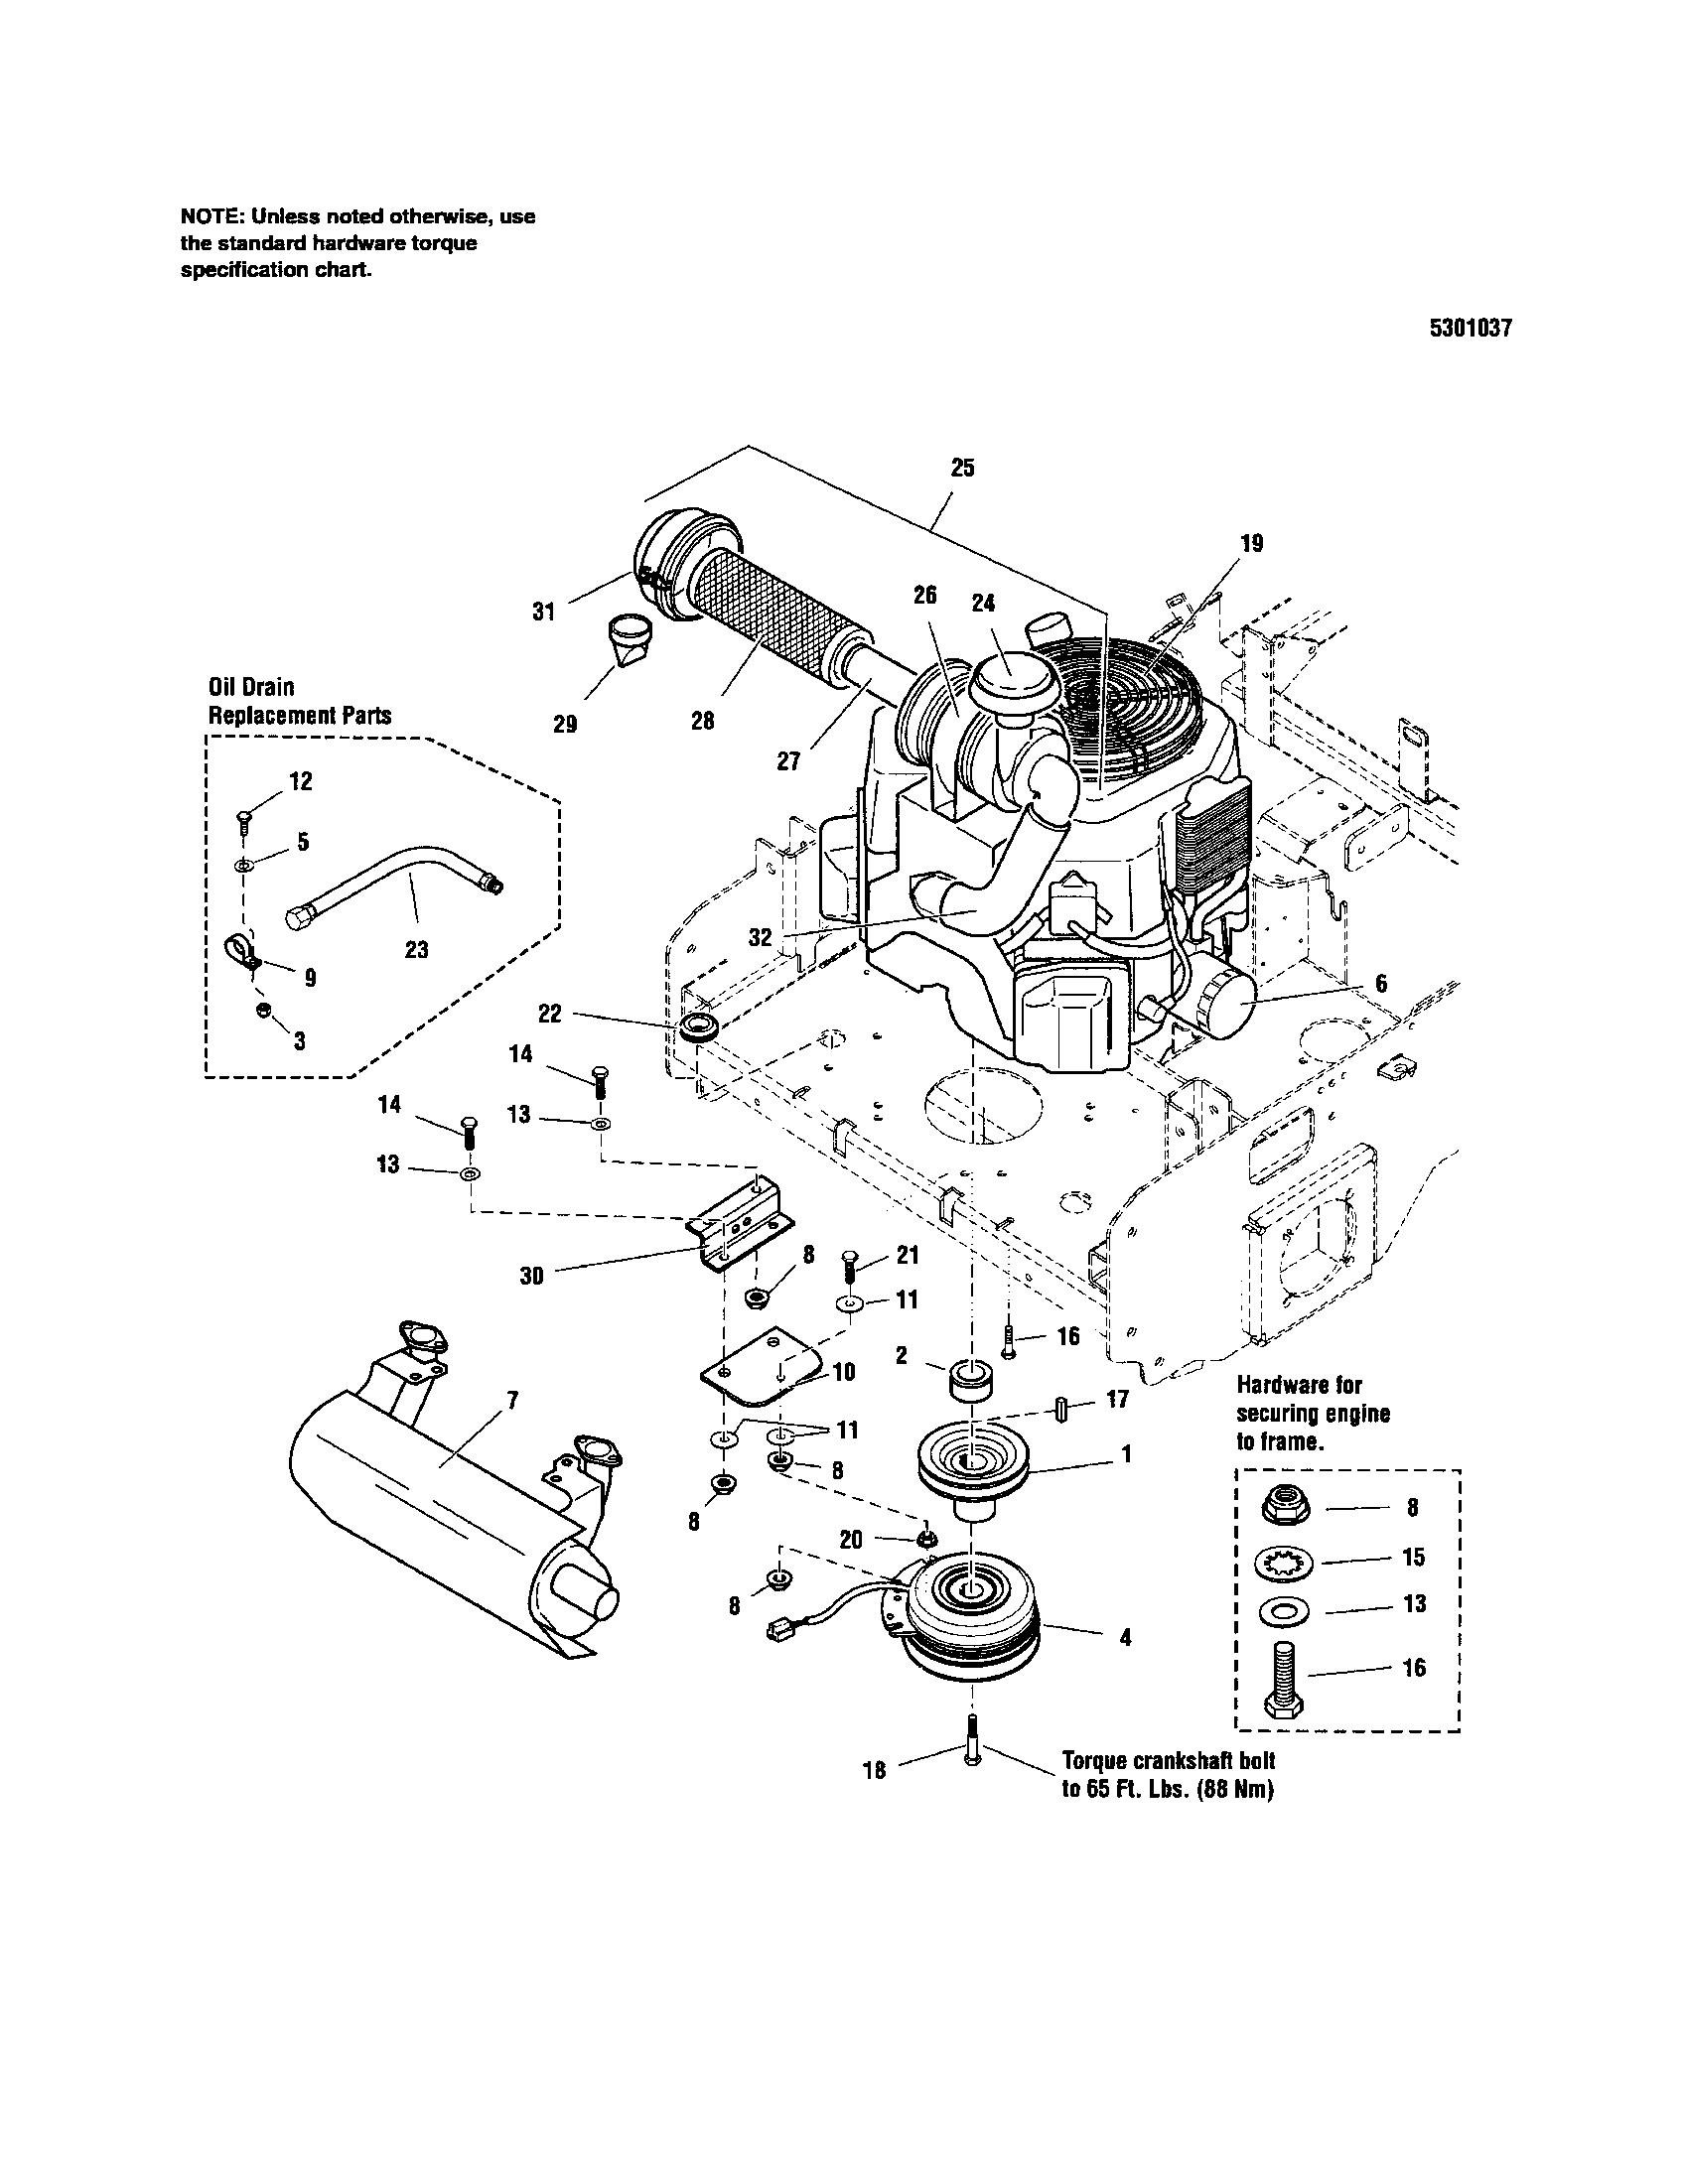 medium resolution of kohler engine schematics